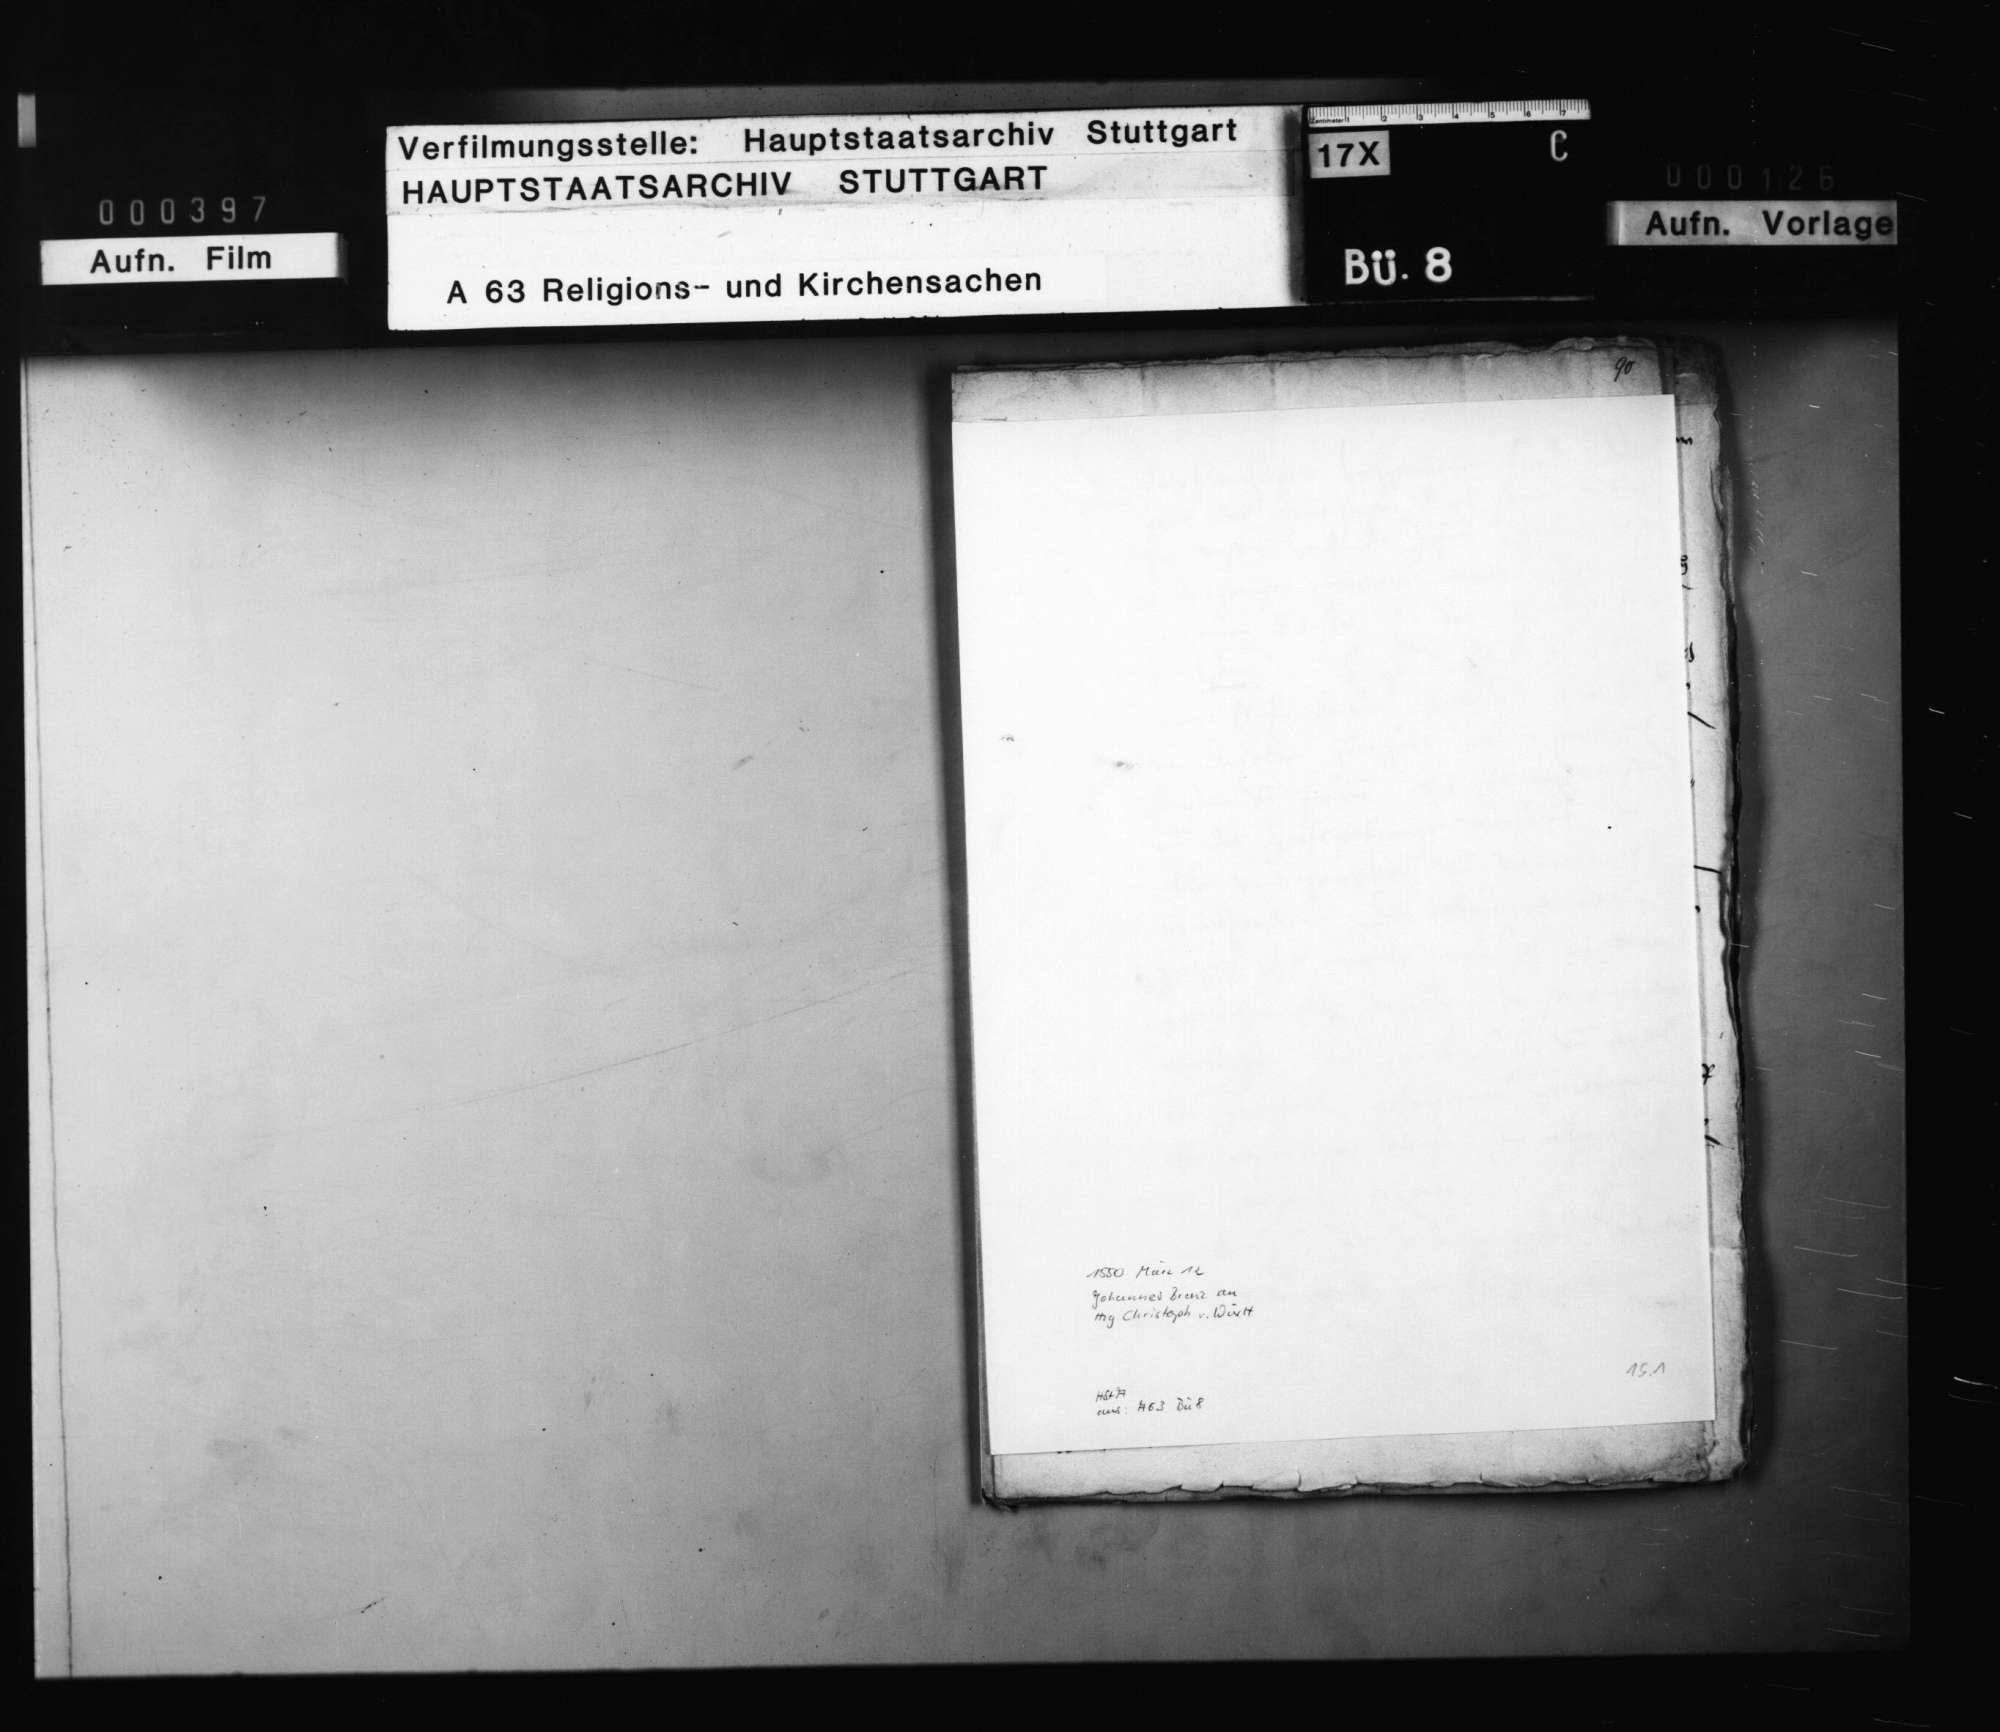 Schreiben von Brenz an Herzog Christoph, betreffend persönliche Angelegenheiten (Überstellung seiner Tochter Barbara in den Dienst der Herzogin, seine eigene Verwendung im Kirchendienst)., Bild 1